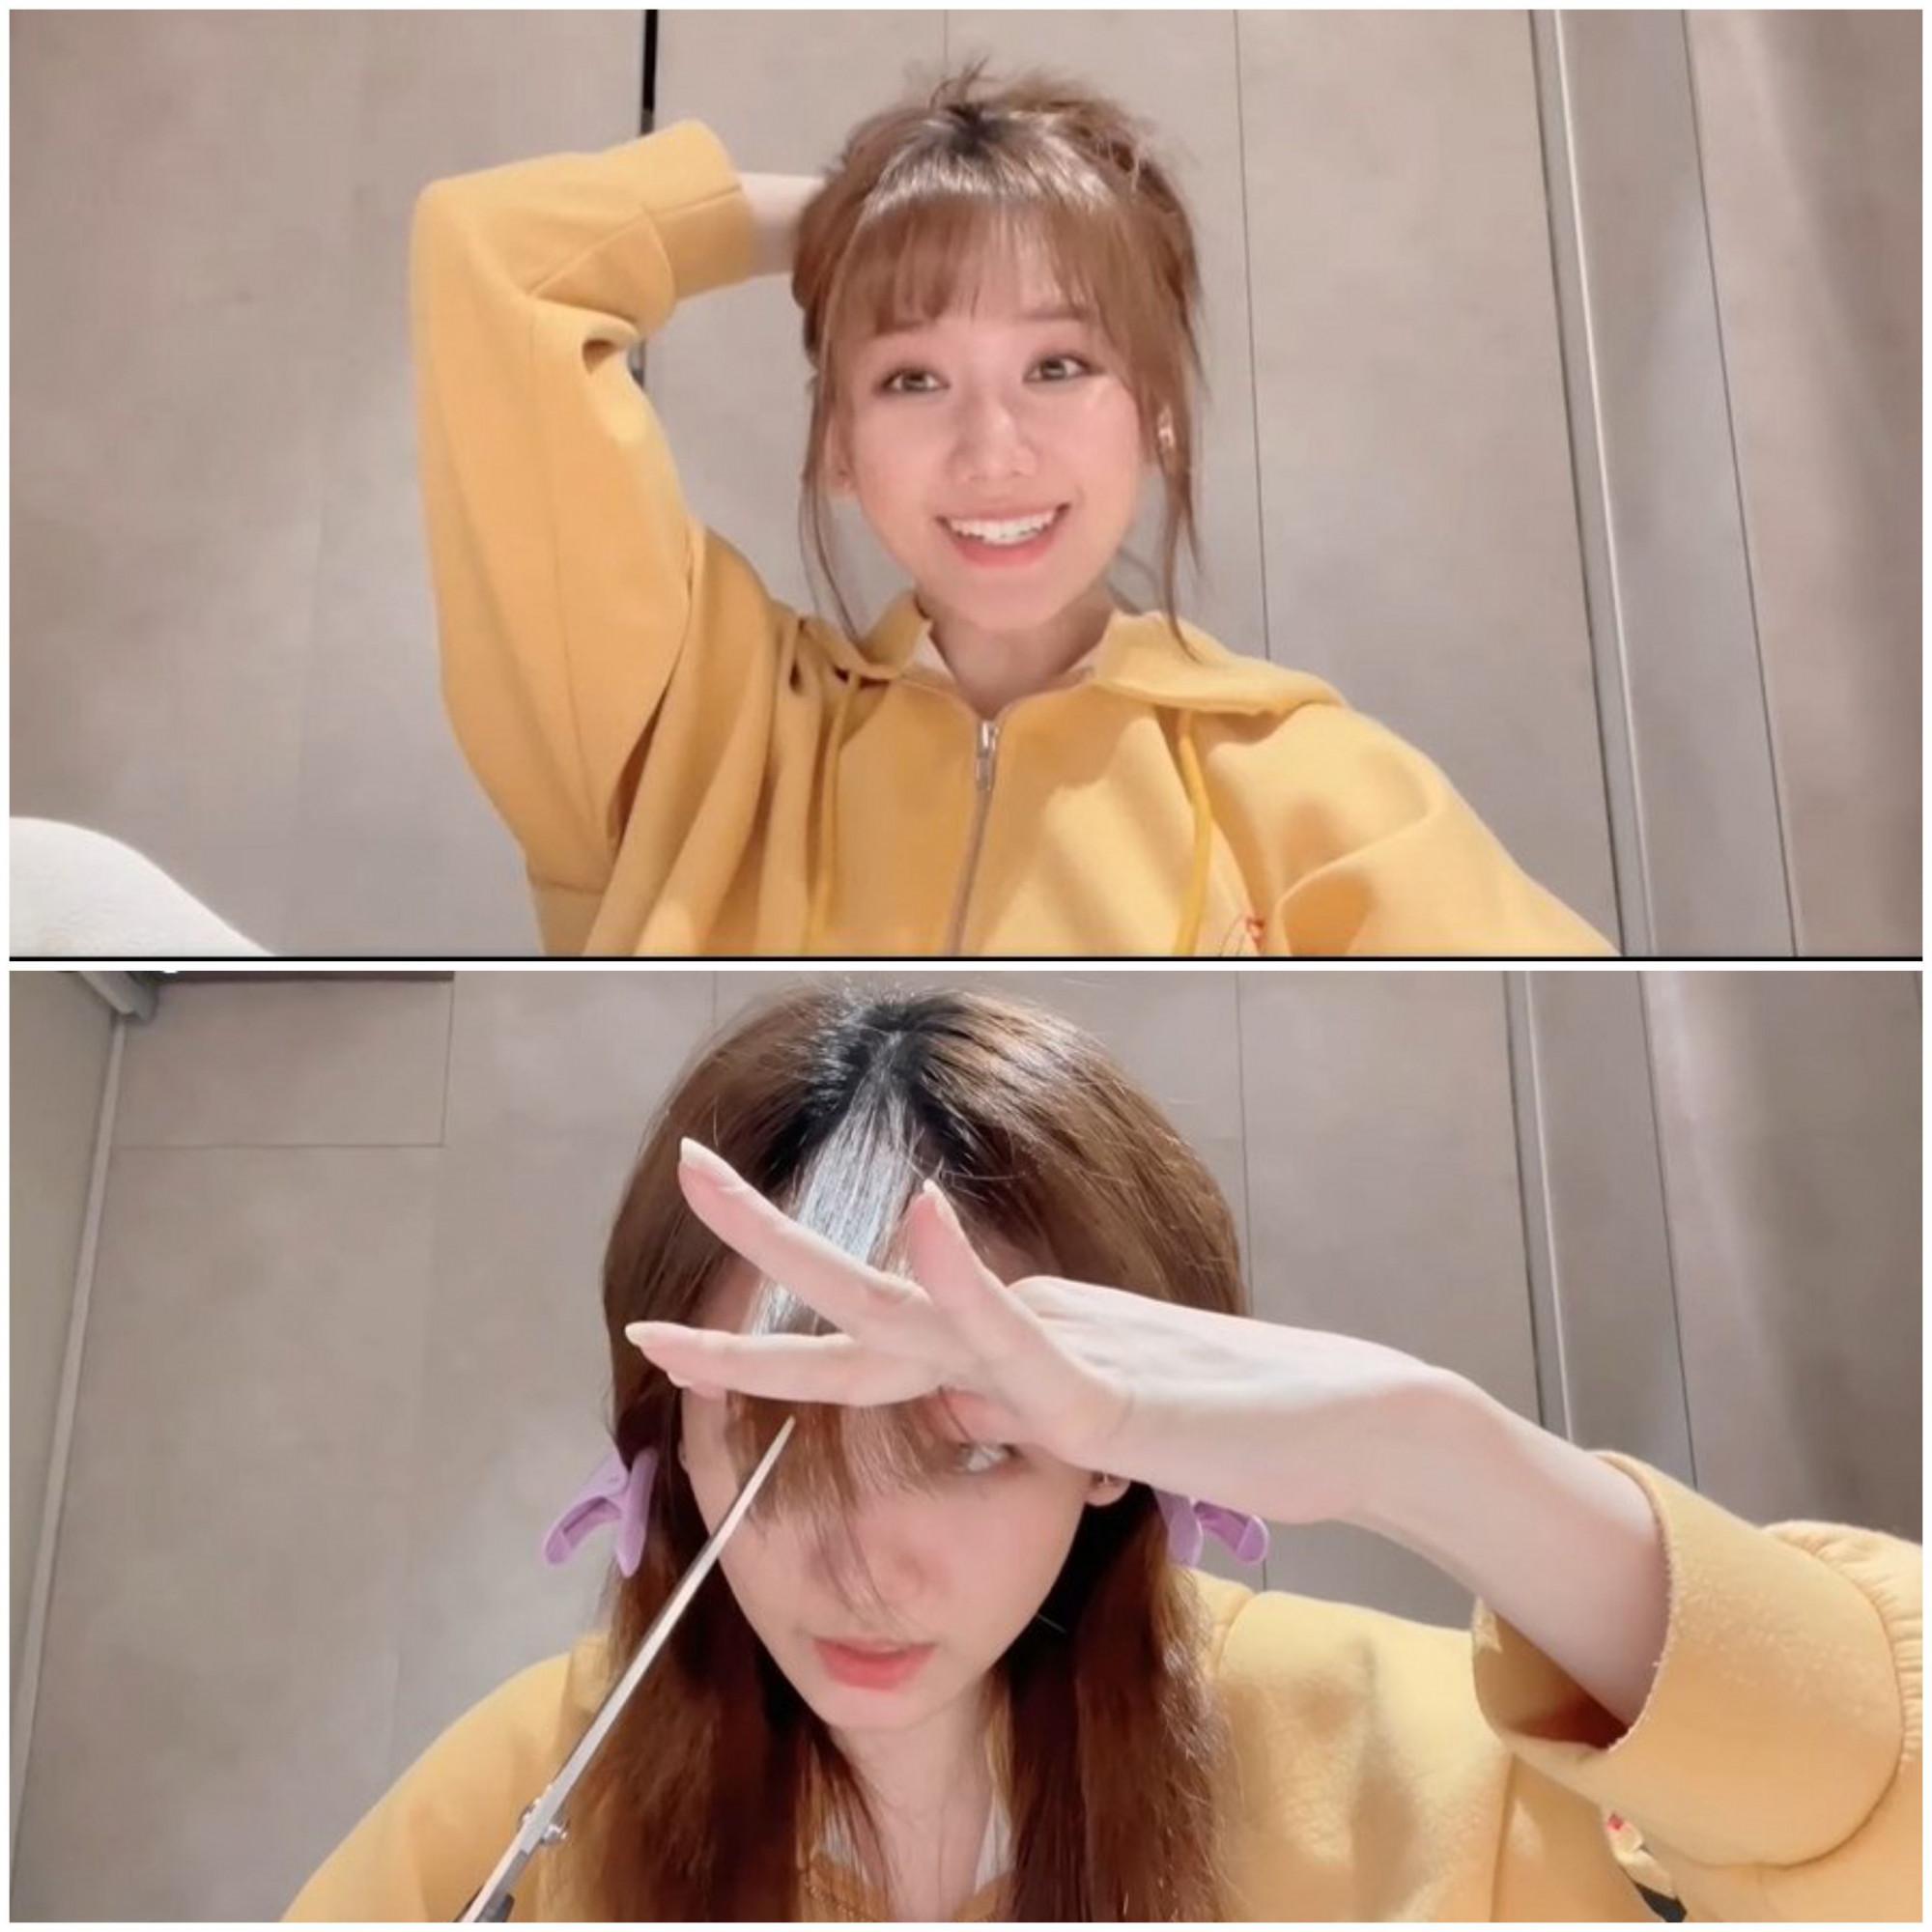 Hari Won cũng trổ tài làm mới mái tóc của mình, thậm chí cô còn đăng tải video hướng dẫn từng bước để cắt phần tóc mái đẹp. Chỉ với vài đường kéo đơn giản, bà xã Trấn Thành để hoàn thiện phần mái, sau đó cô còn cẩn thận cuốn lô để tóc có độ phồng nhất định.